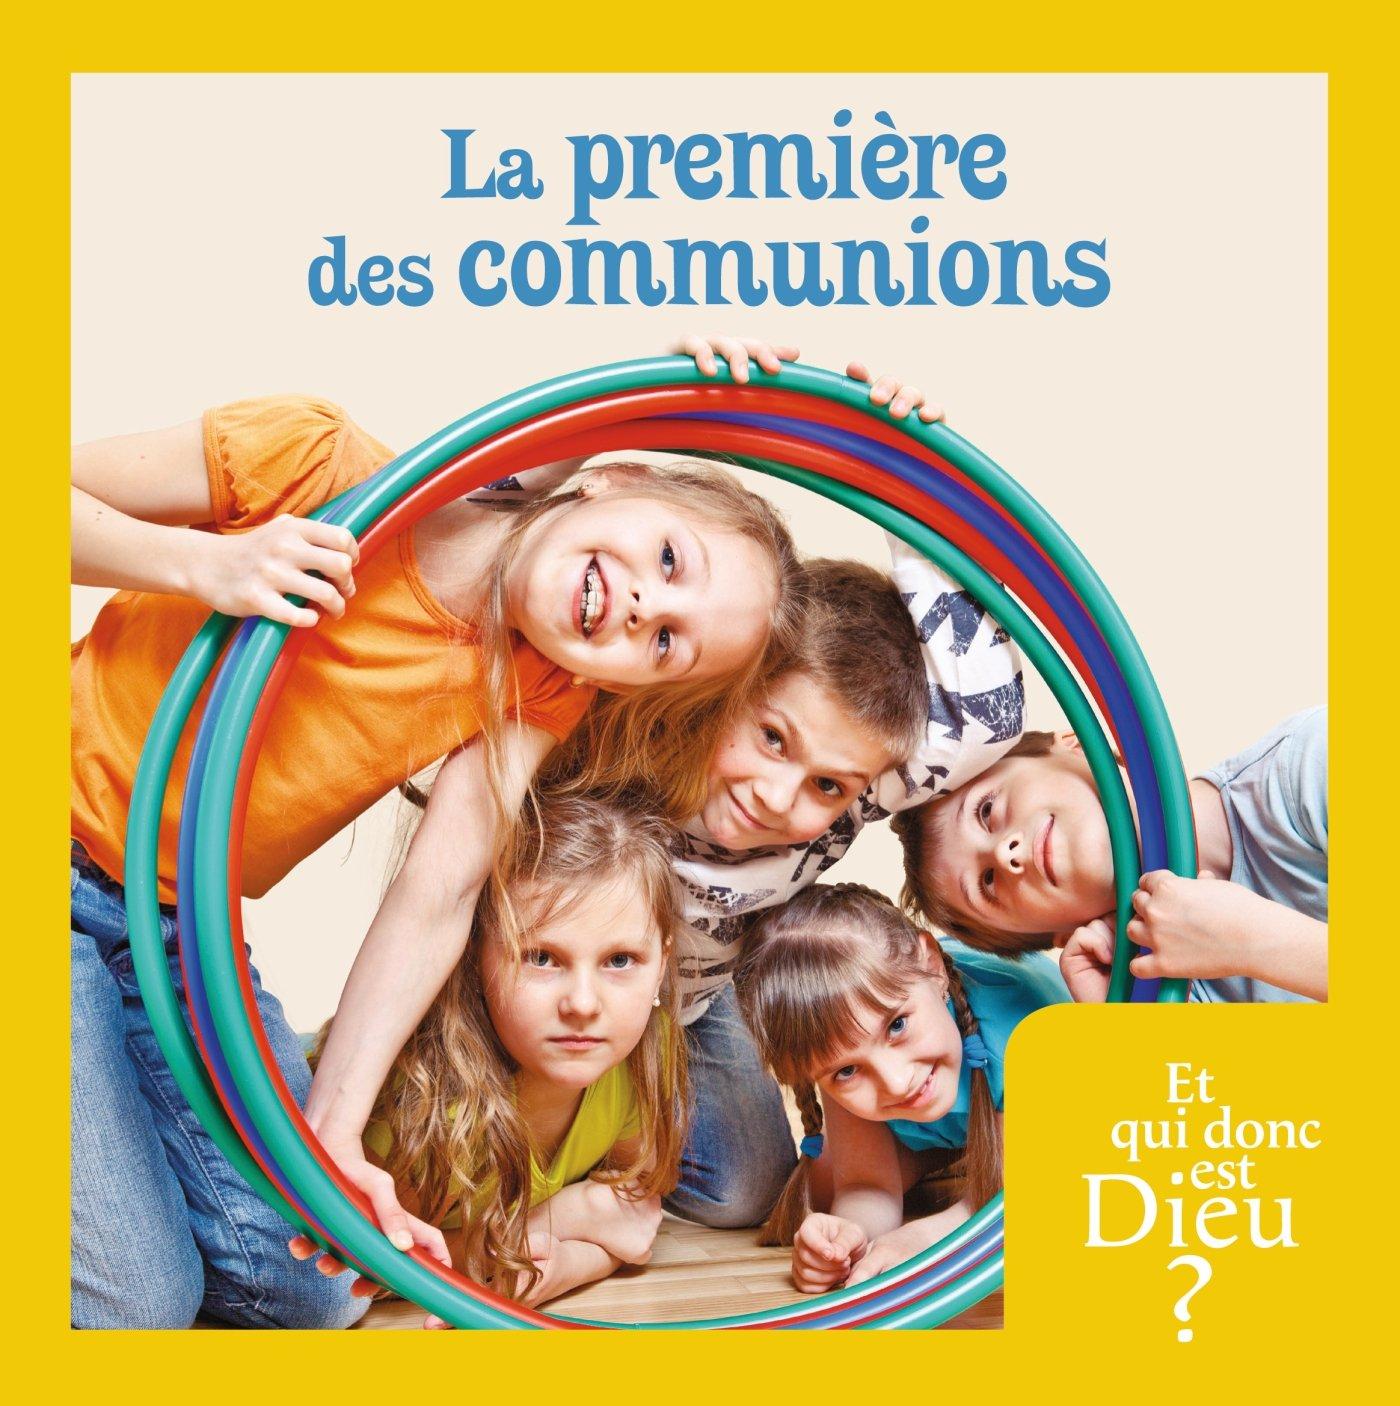 Module 13 - ENFANT - La première des communions: Préparation aux sacrements Broché – 29 mai 2015 Collectif Claire Peron Bayard CRER 2747058034